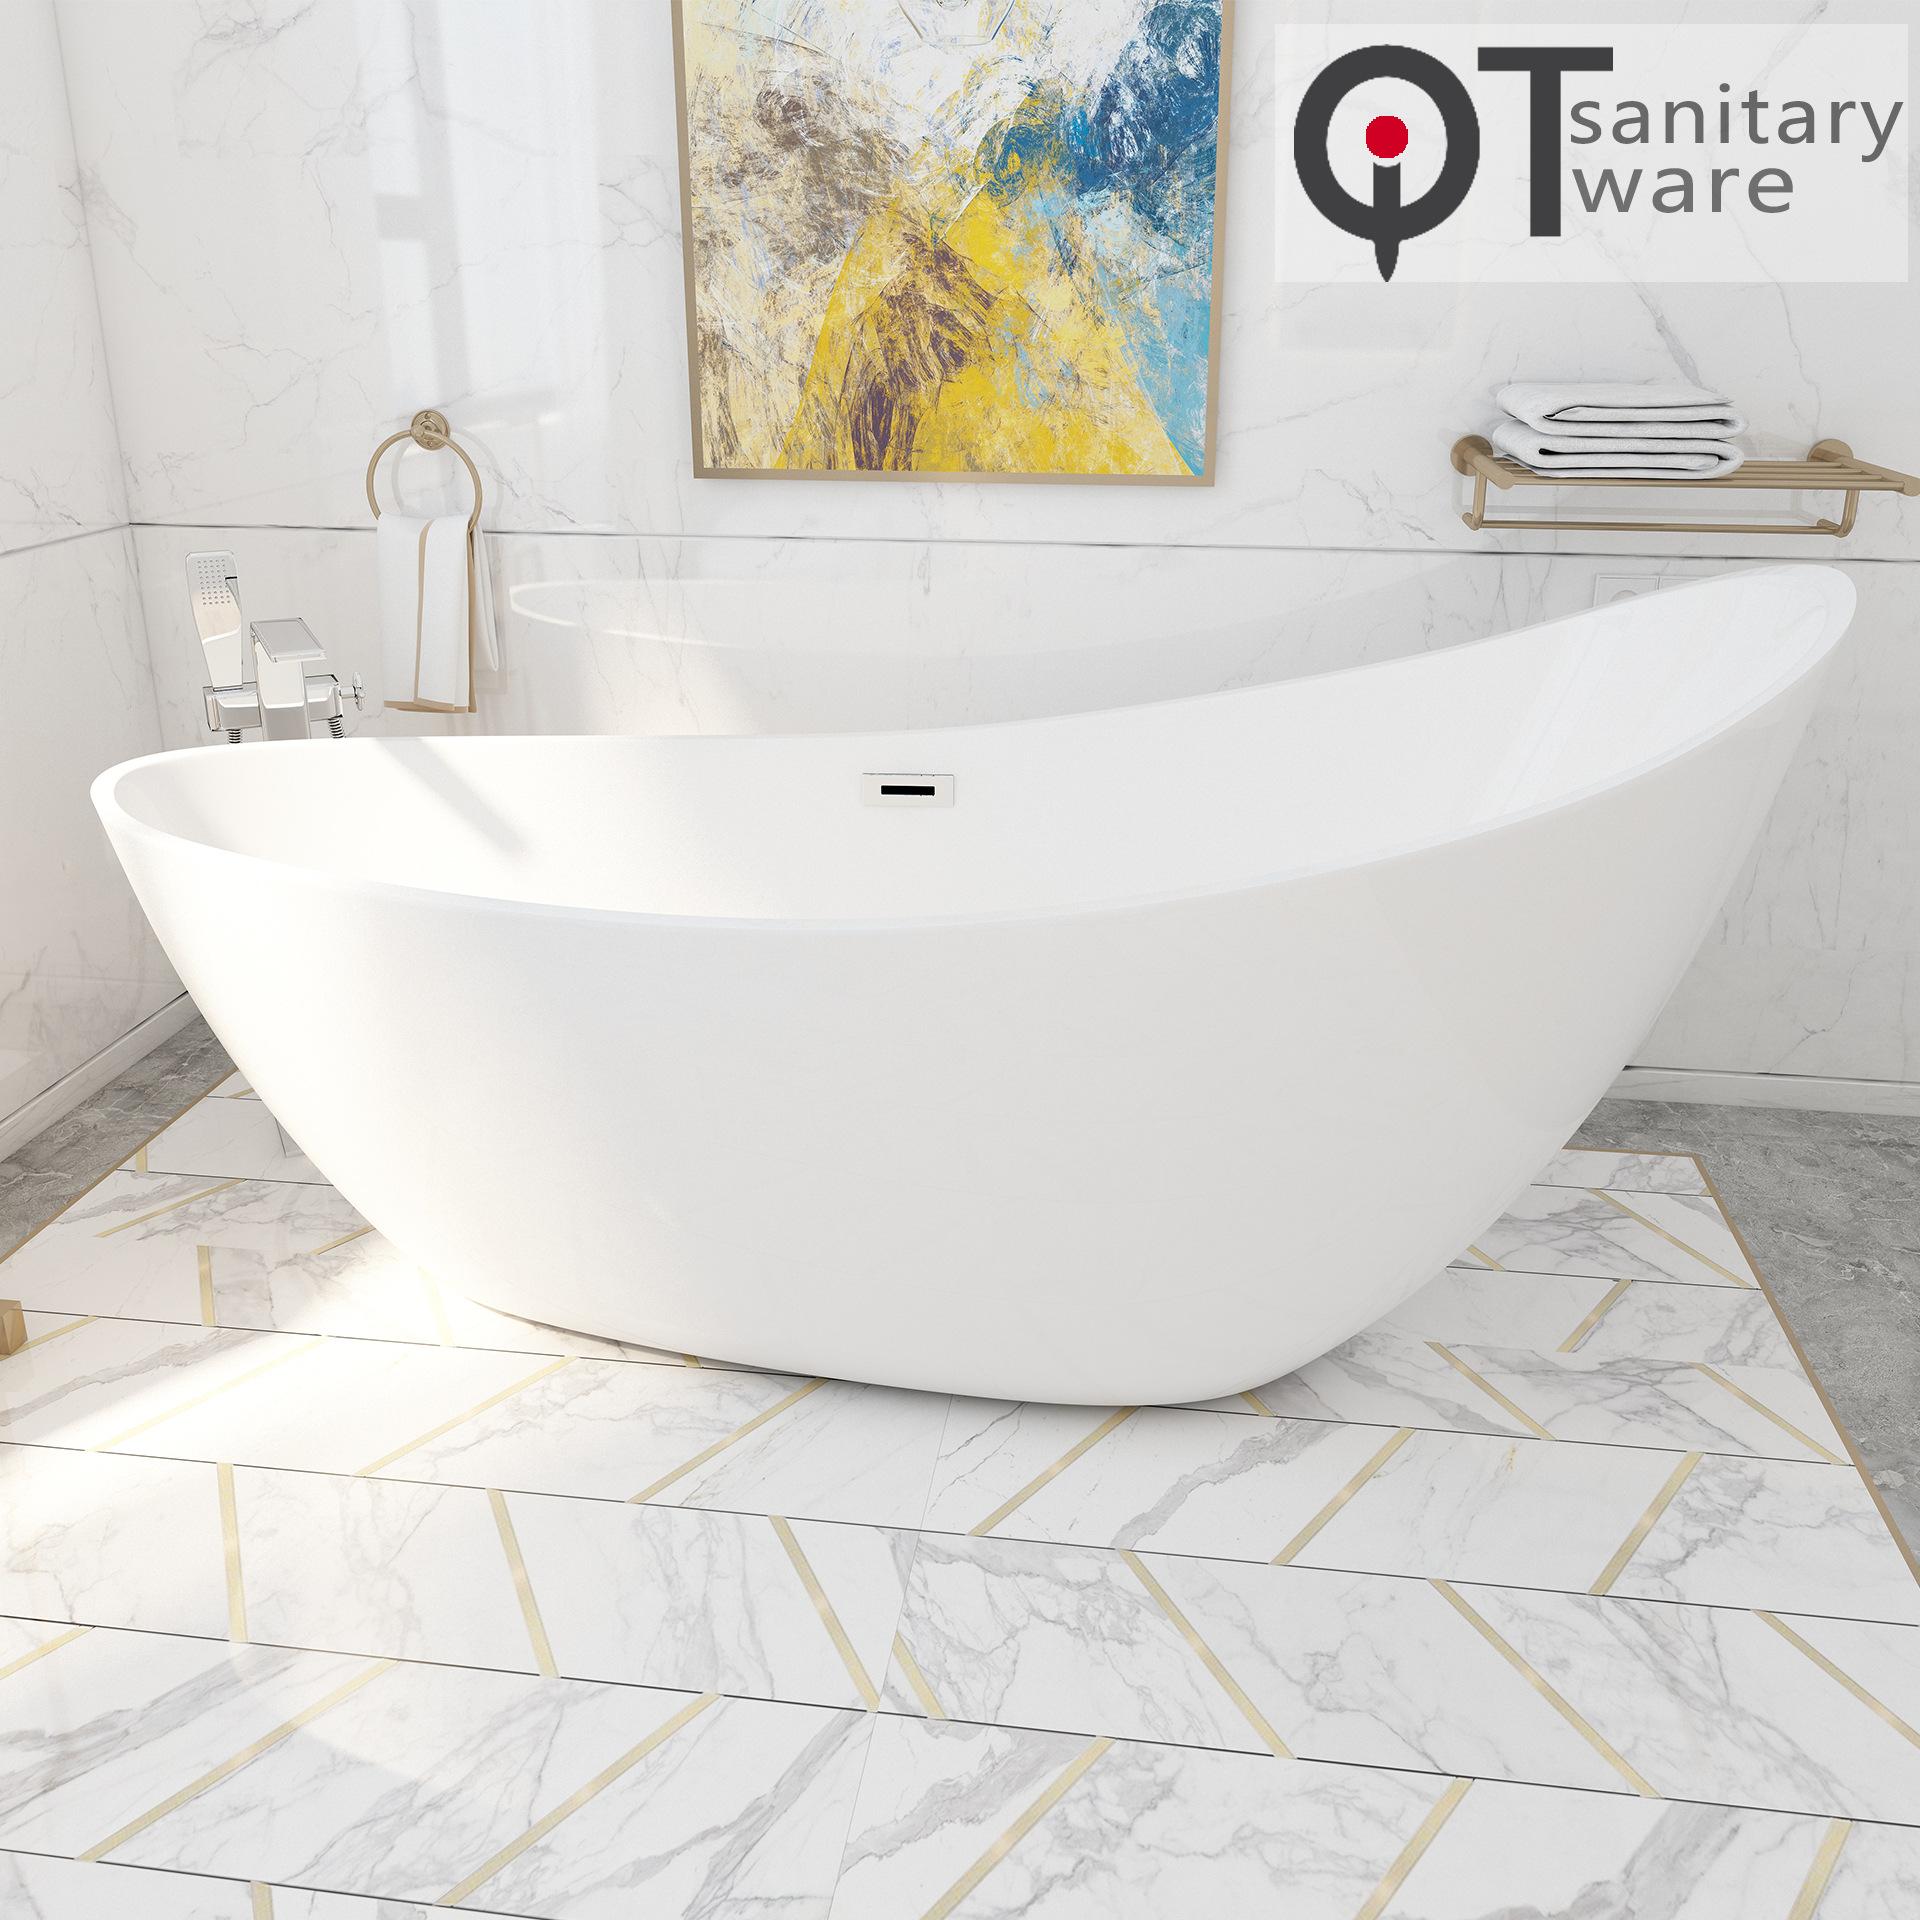 Bồn tắm acrylic độc lập 1,9m kiểu dáng nghệ thuật